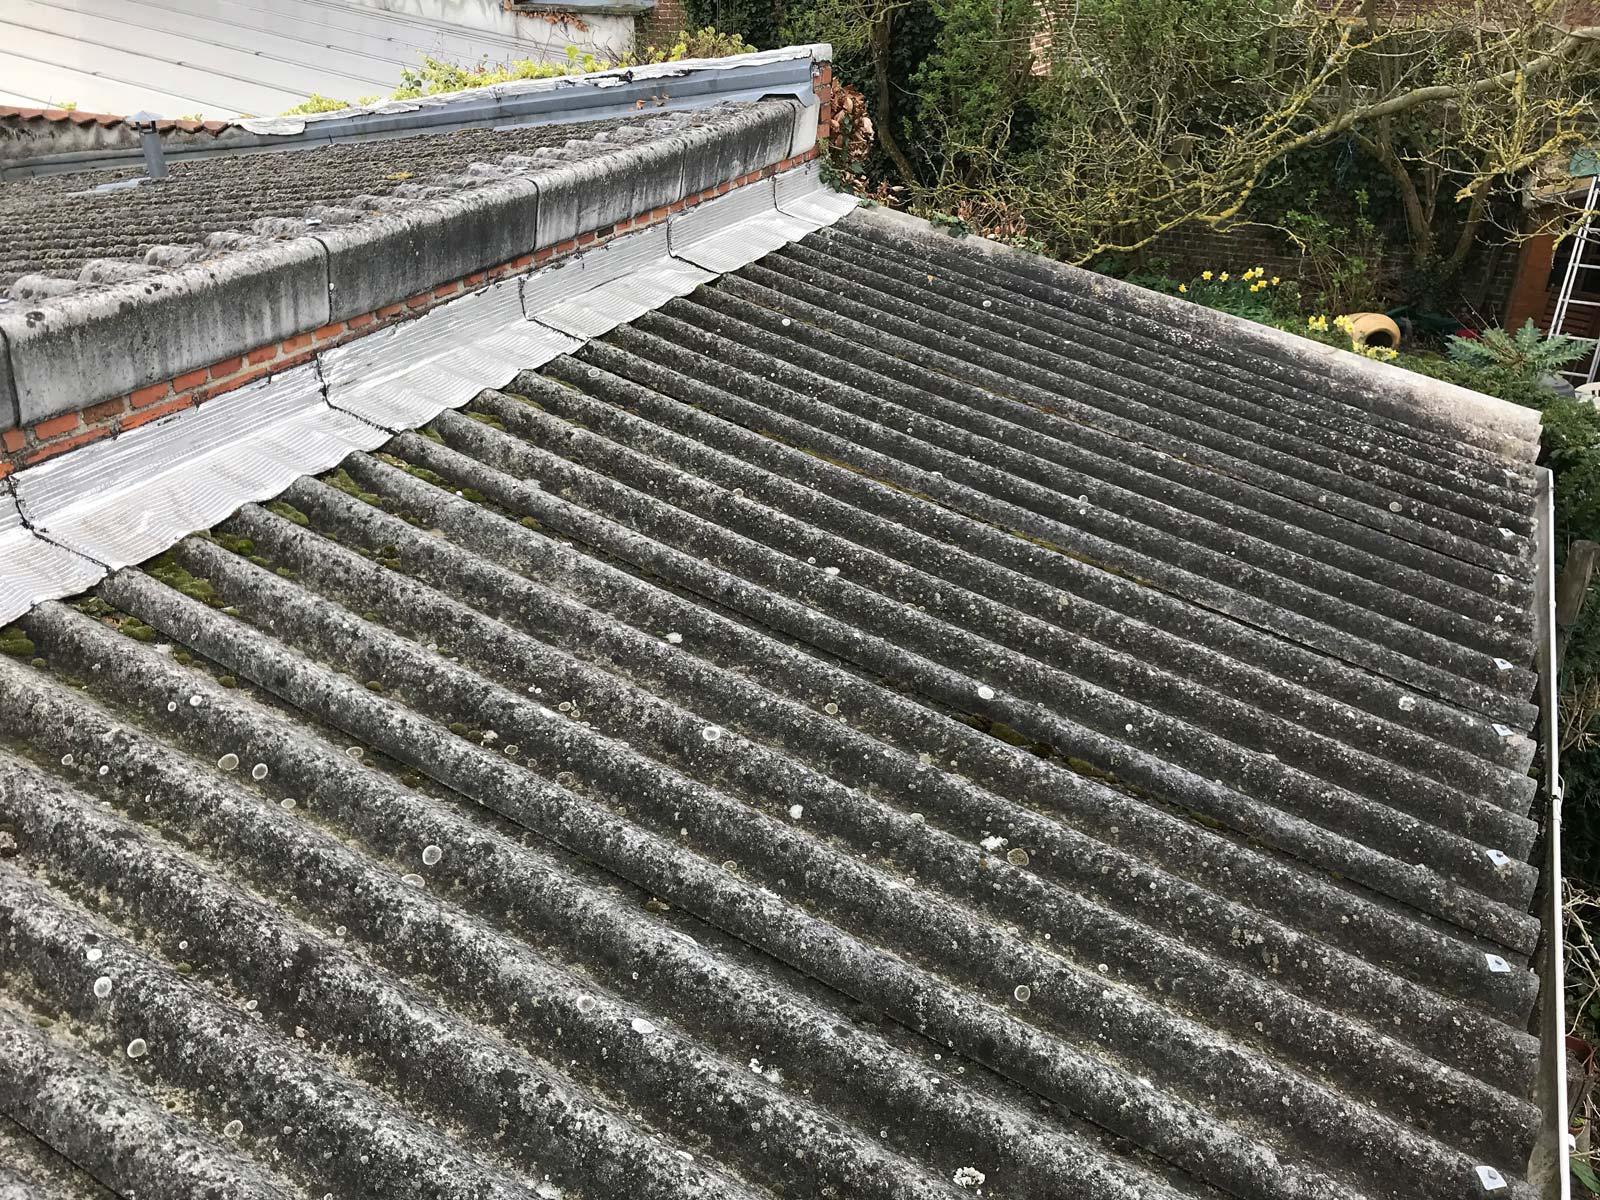 Changement toiture Amiante - St André - Lille - CL Construction